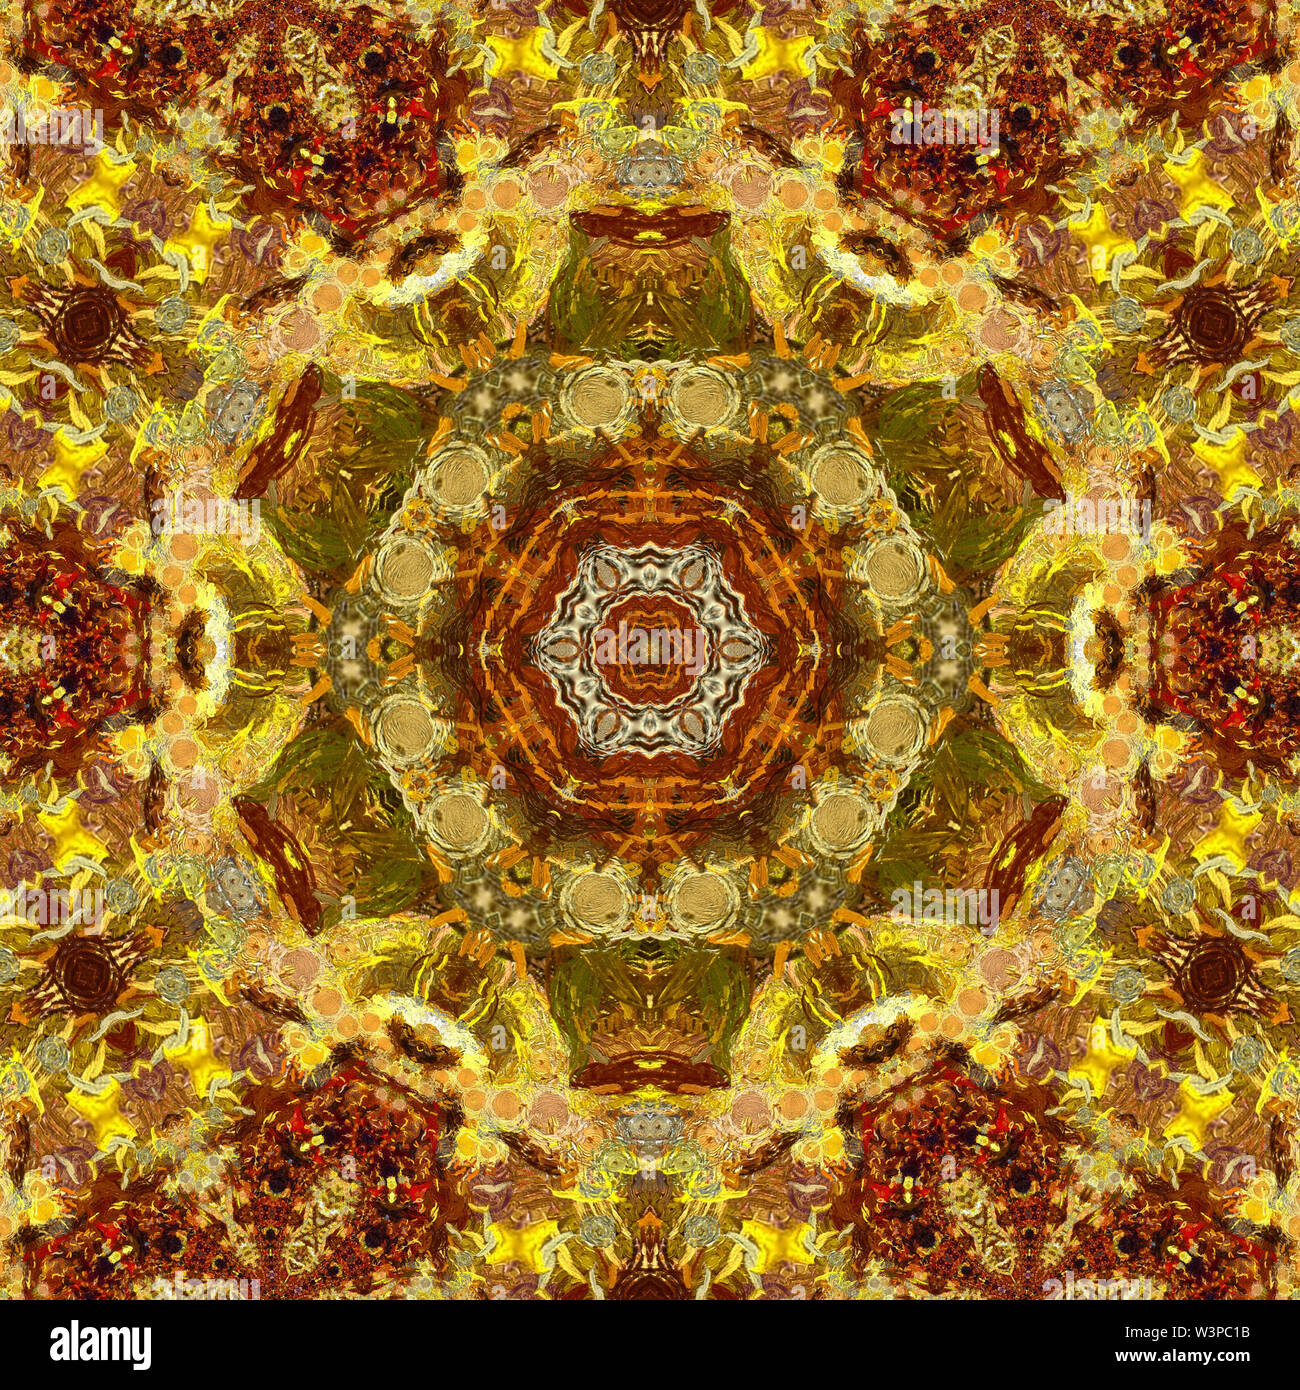 L'imitation de l'or liquide design pattern. Golden color abstract art fractal Creative contexte en Asie de l'Est ou de style arabe. Papier peint de luxe. Wal Photo Stock